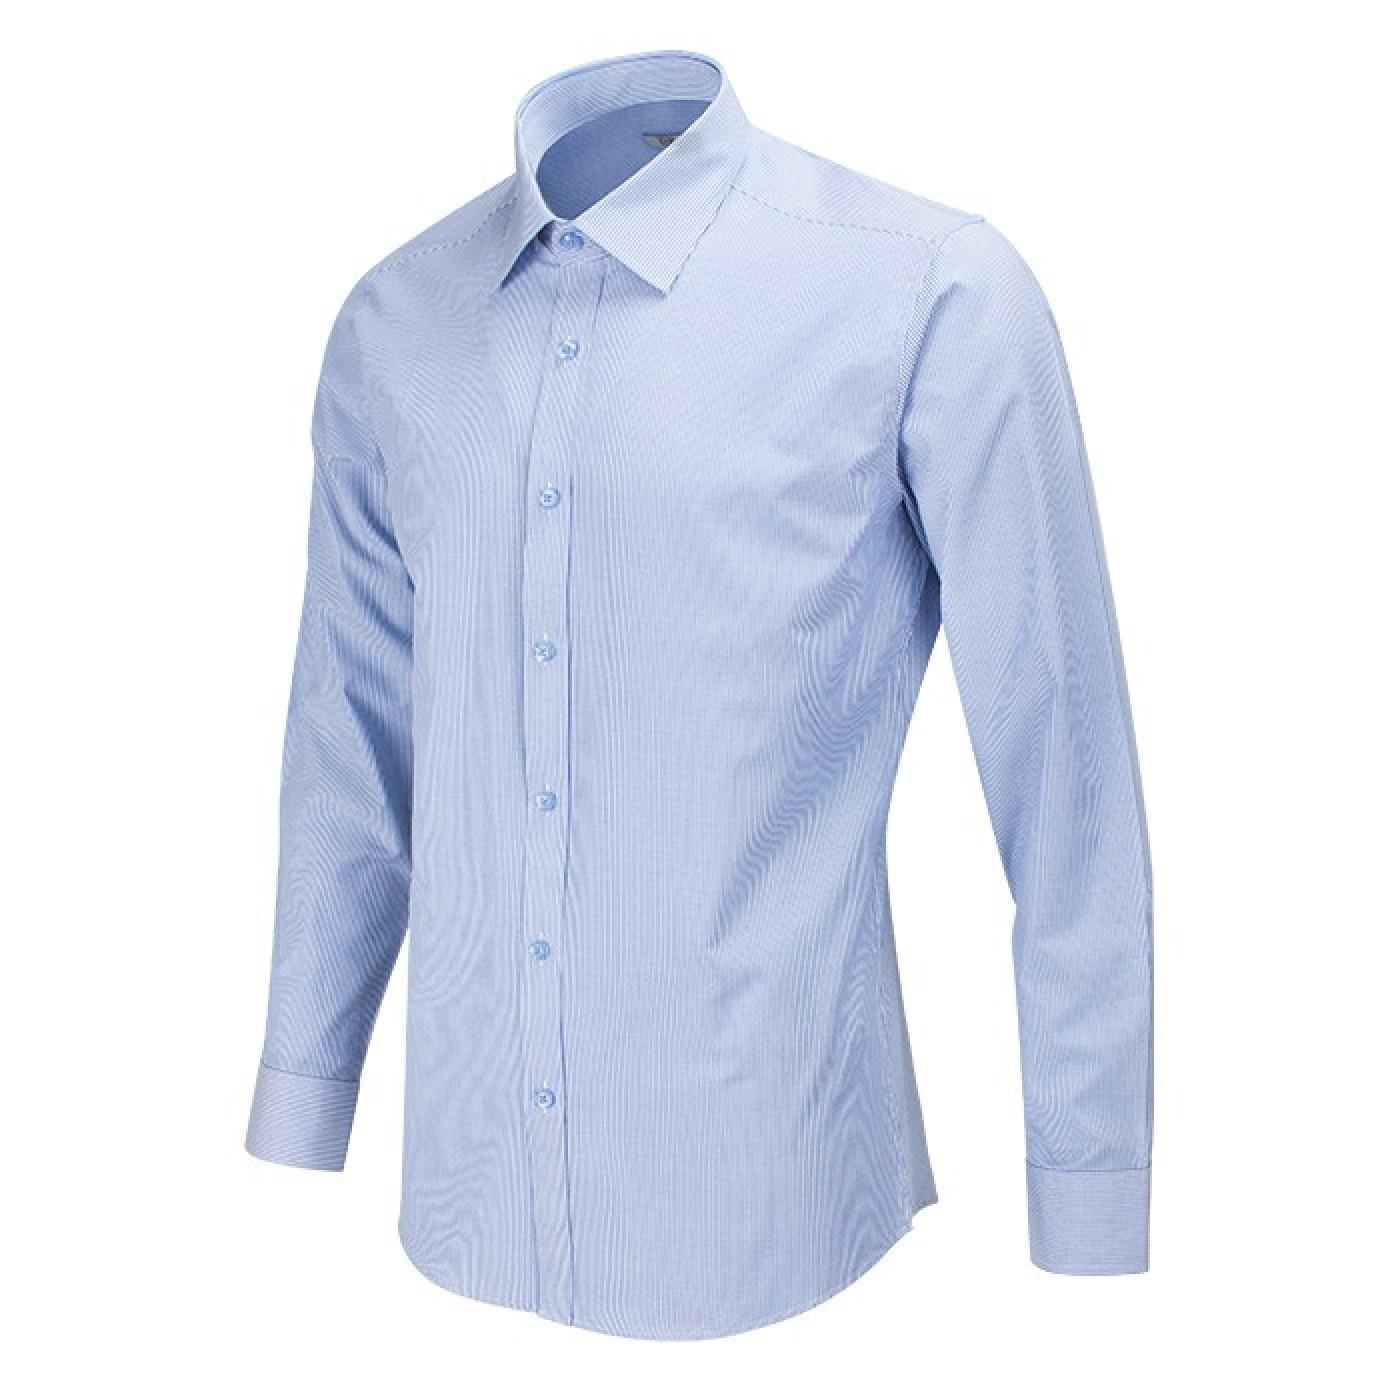 아인스 헤어라인 스트라이프 슬림 블루 와이셔츠 여성크로스백